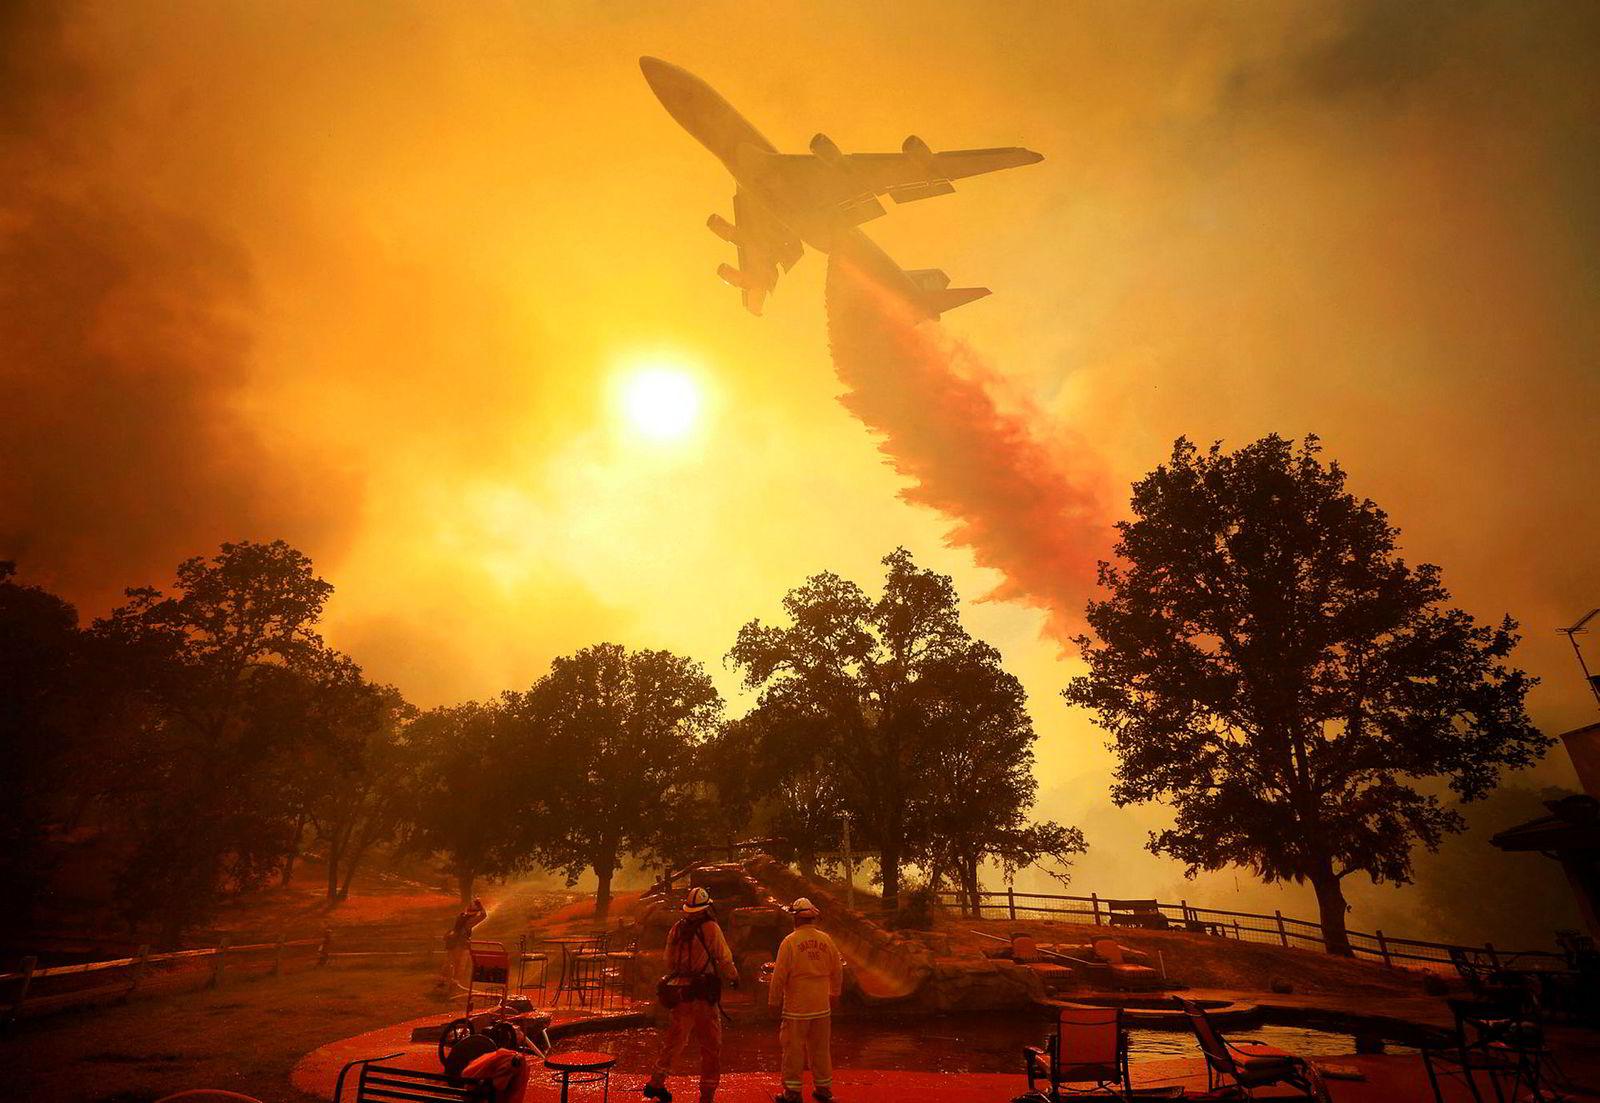 Et fly slipper flammehemmende pulver over en av skogbrannene. Pulveret er ment for å sakke brannens utvikling slik at brannmannskapene får mer tid til å slukke brannen. Vann er hovedingrediensen i blandingen som blant annet består av gummi- eller leire-lignende stoff for å gjøre væsken til et «teppe», og for å forhindre fordamping. Fargen kommer fra rust, som tilsettes for at brannmannskap skal kunne se hvilke områder som er blitt behandlet.